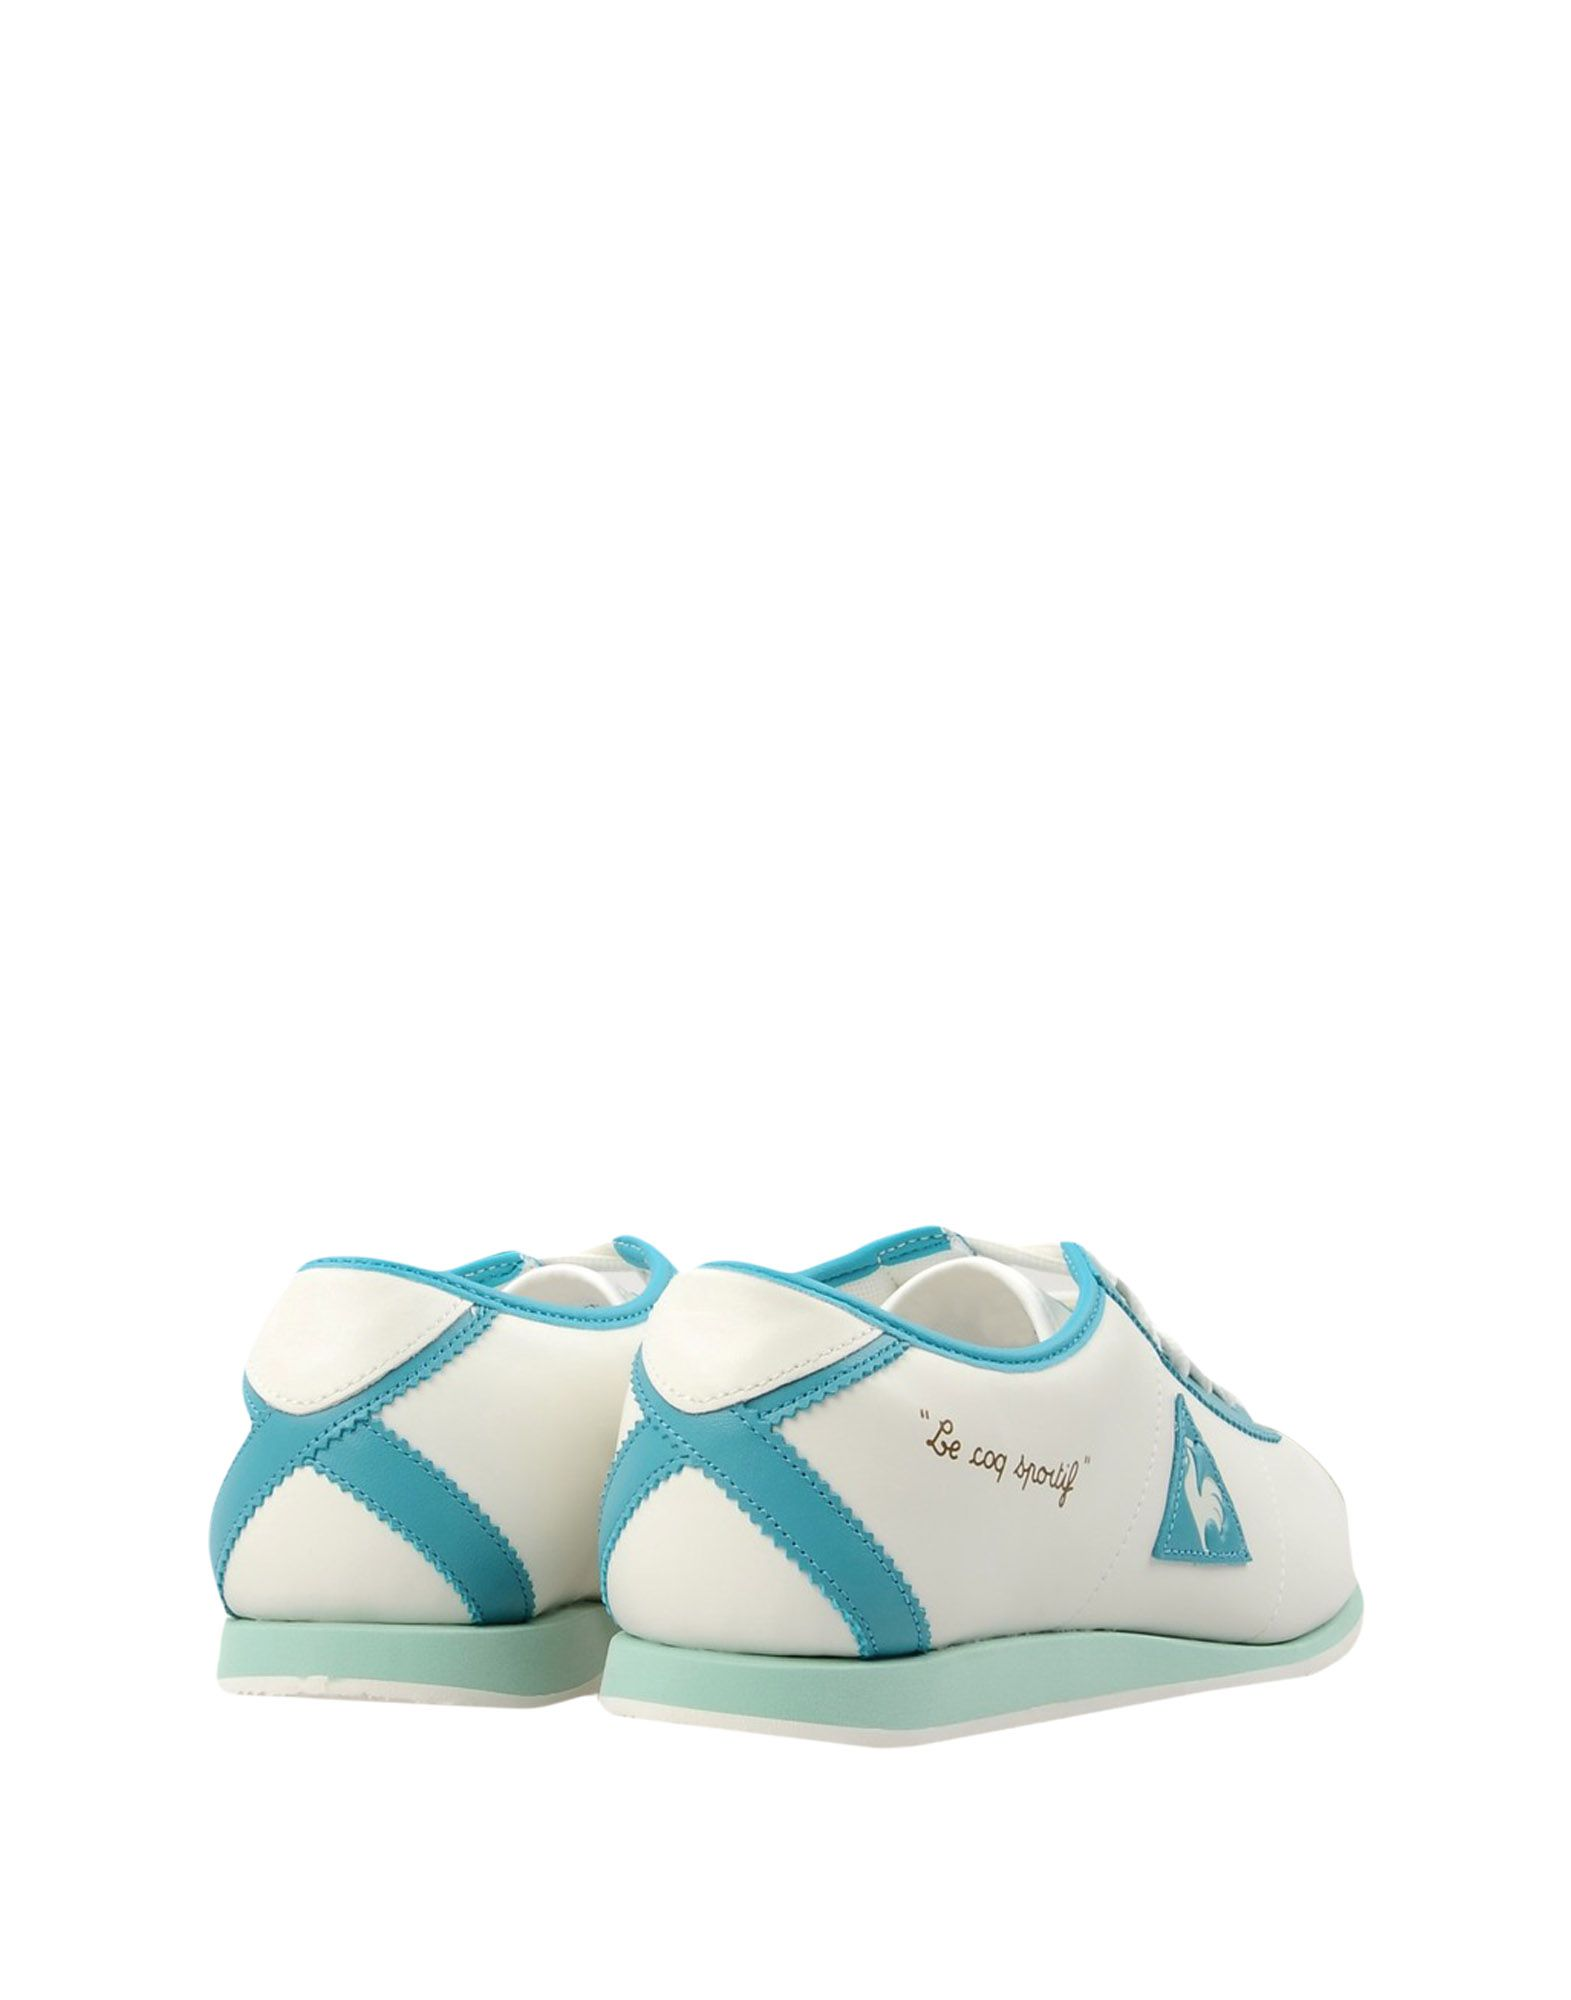 Sneakers Le Coq Sportif  Azstyle Gum - Femme - Sneakers Le Coq Sportif sur